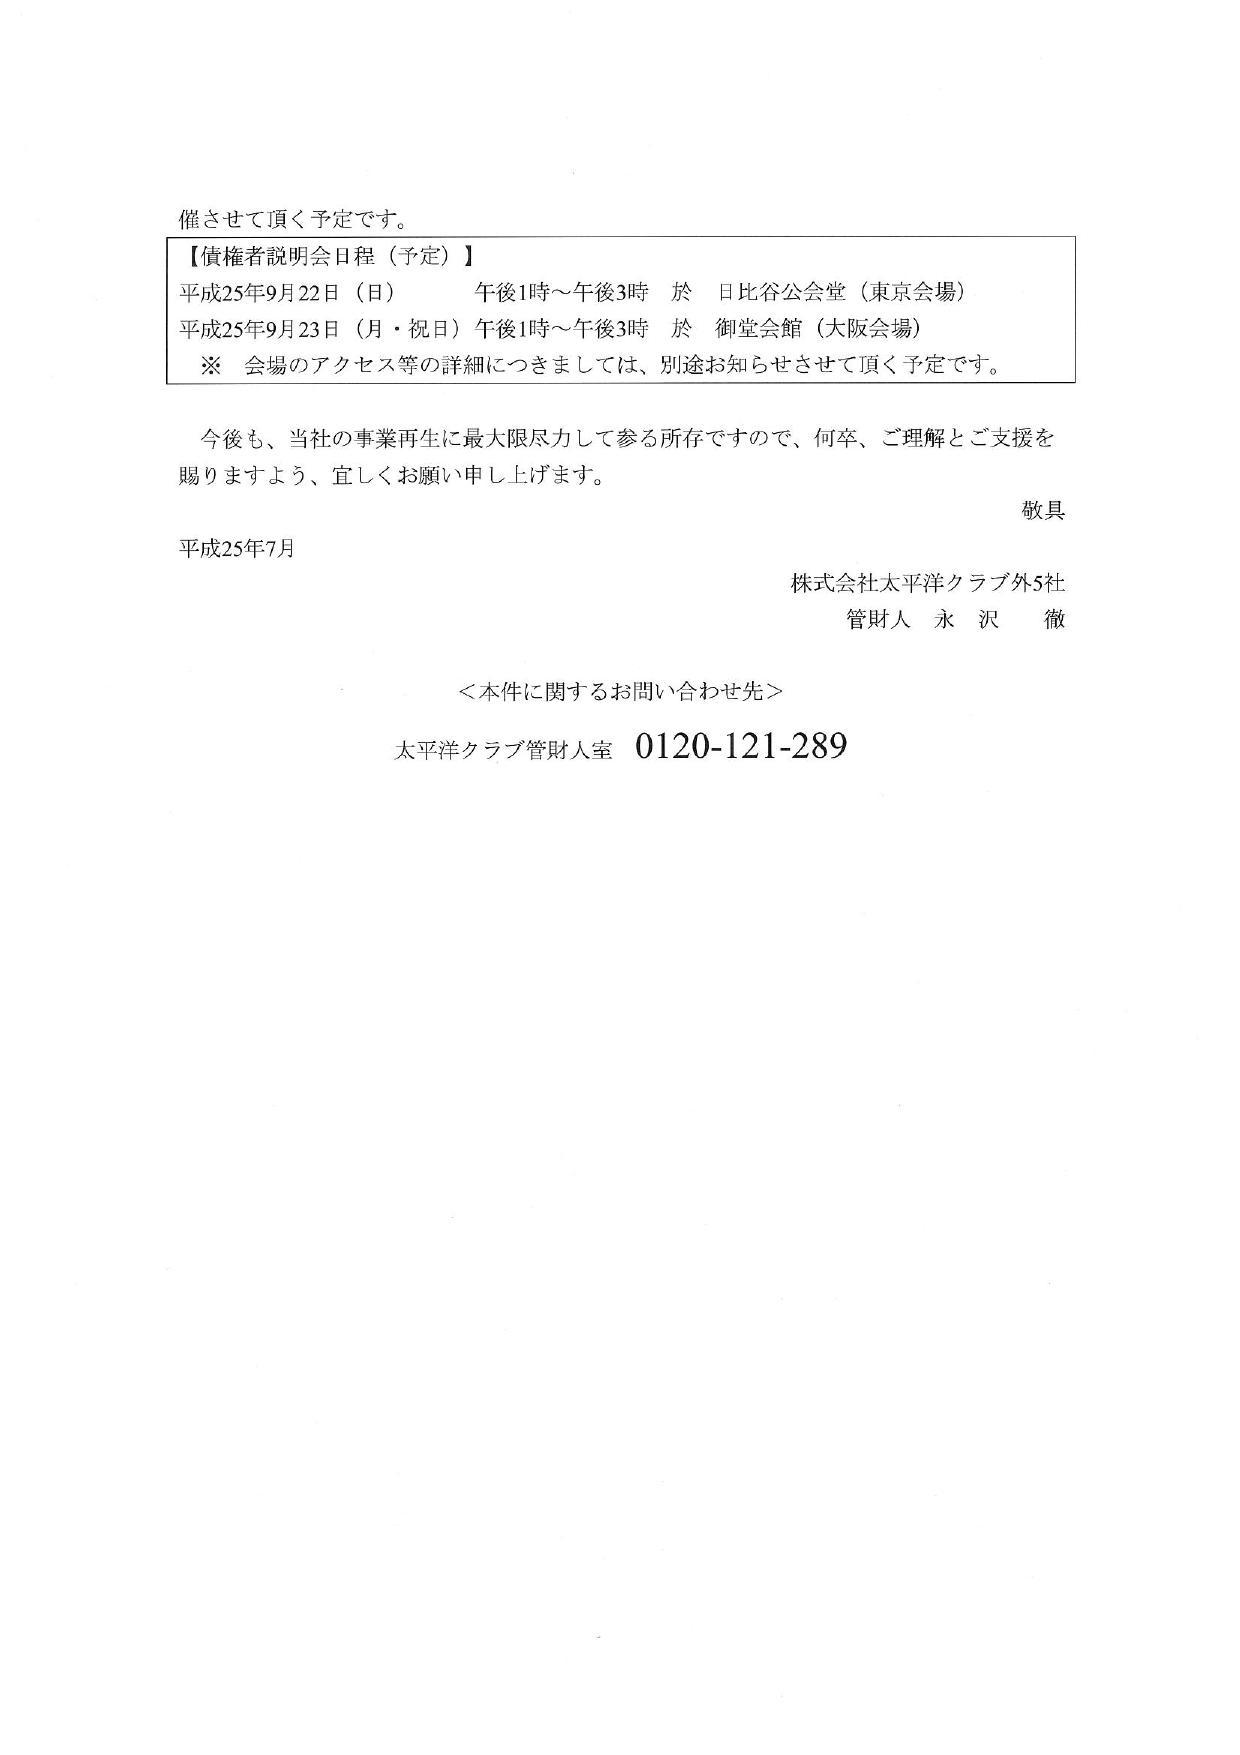 trustee-greeting_1307-2.jpg